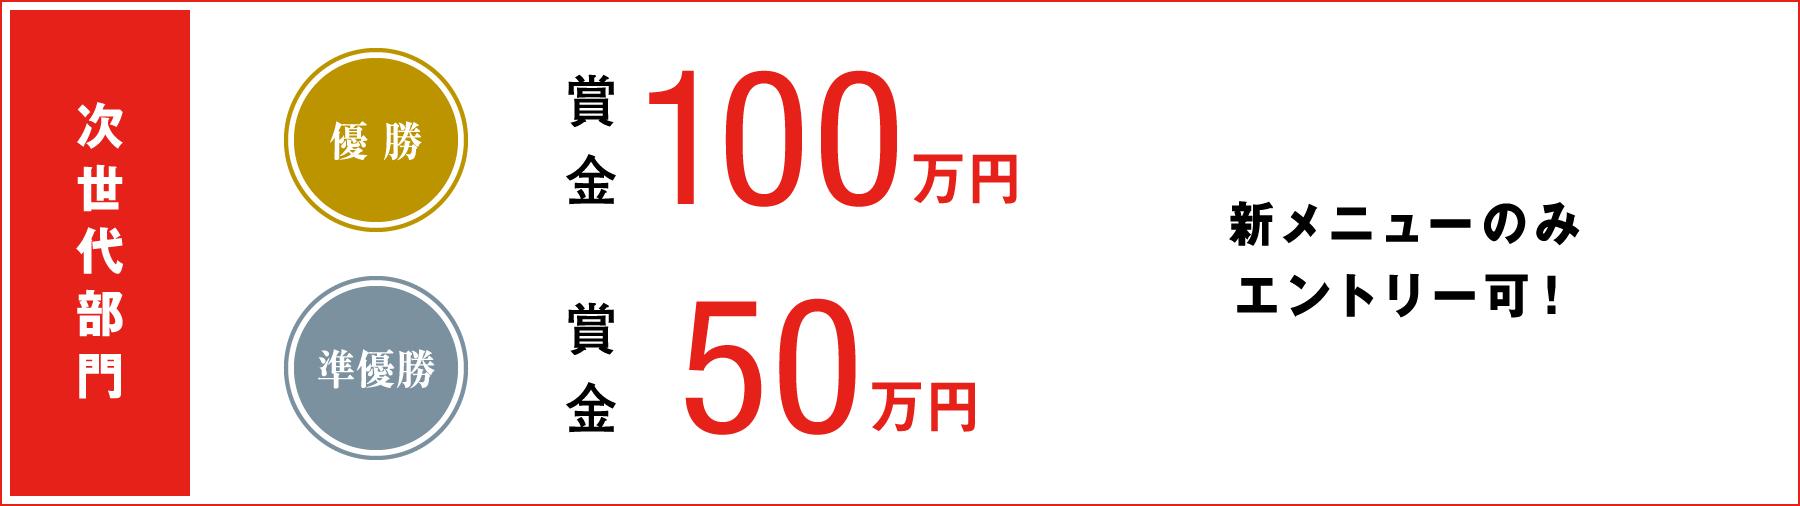 次世代部門 優勝賞金100万円、準優勝賞金50万円(新メニューのみエントリー可!)